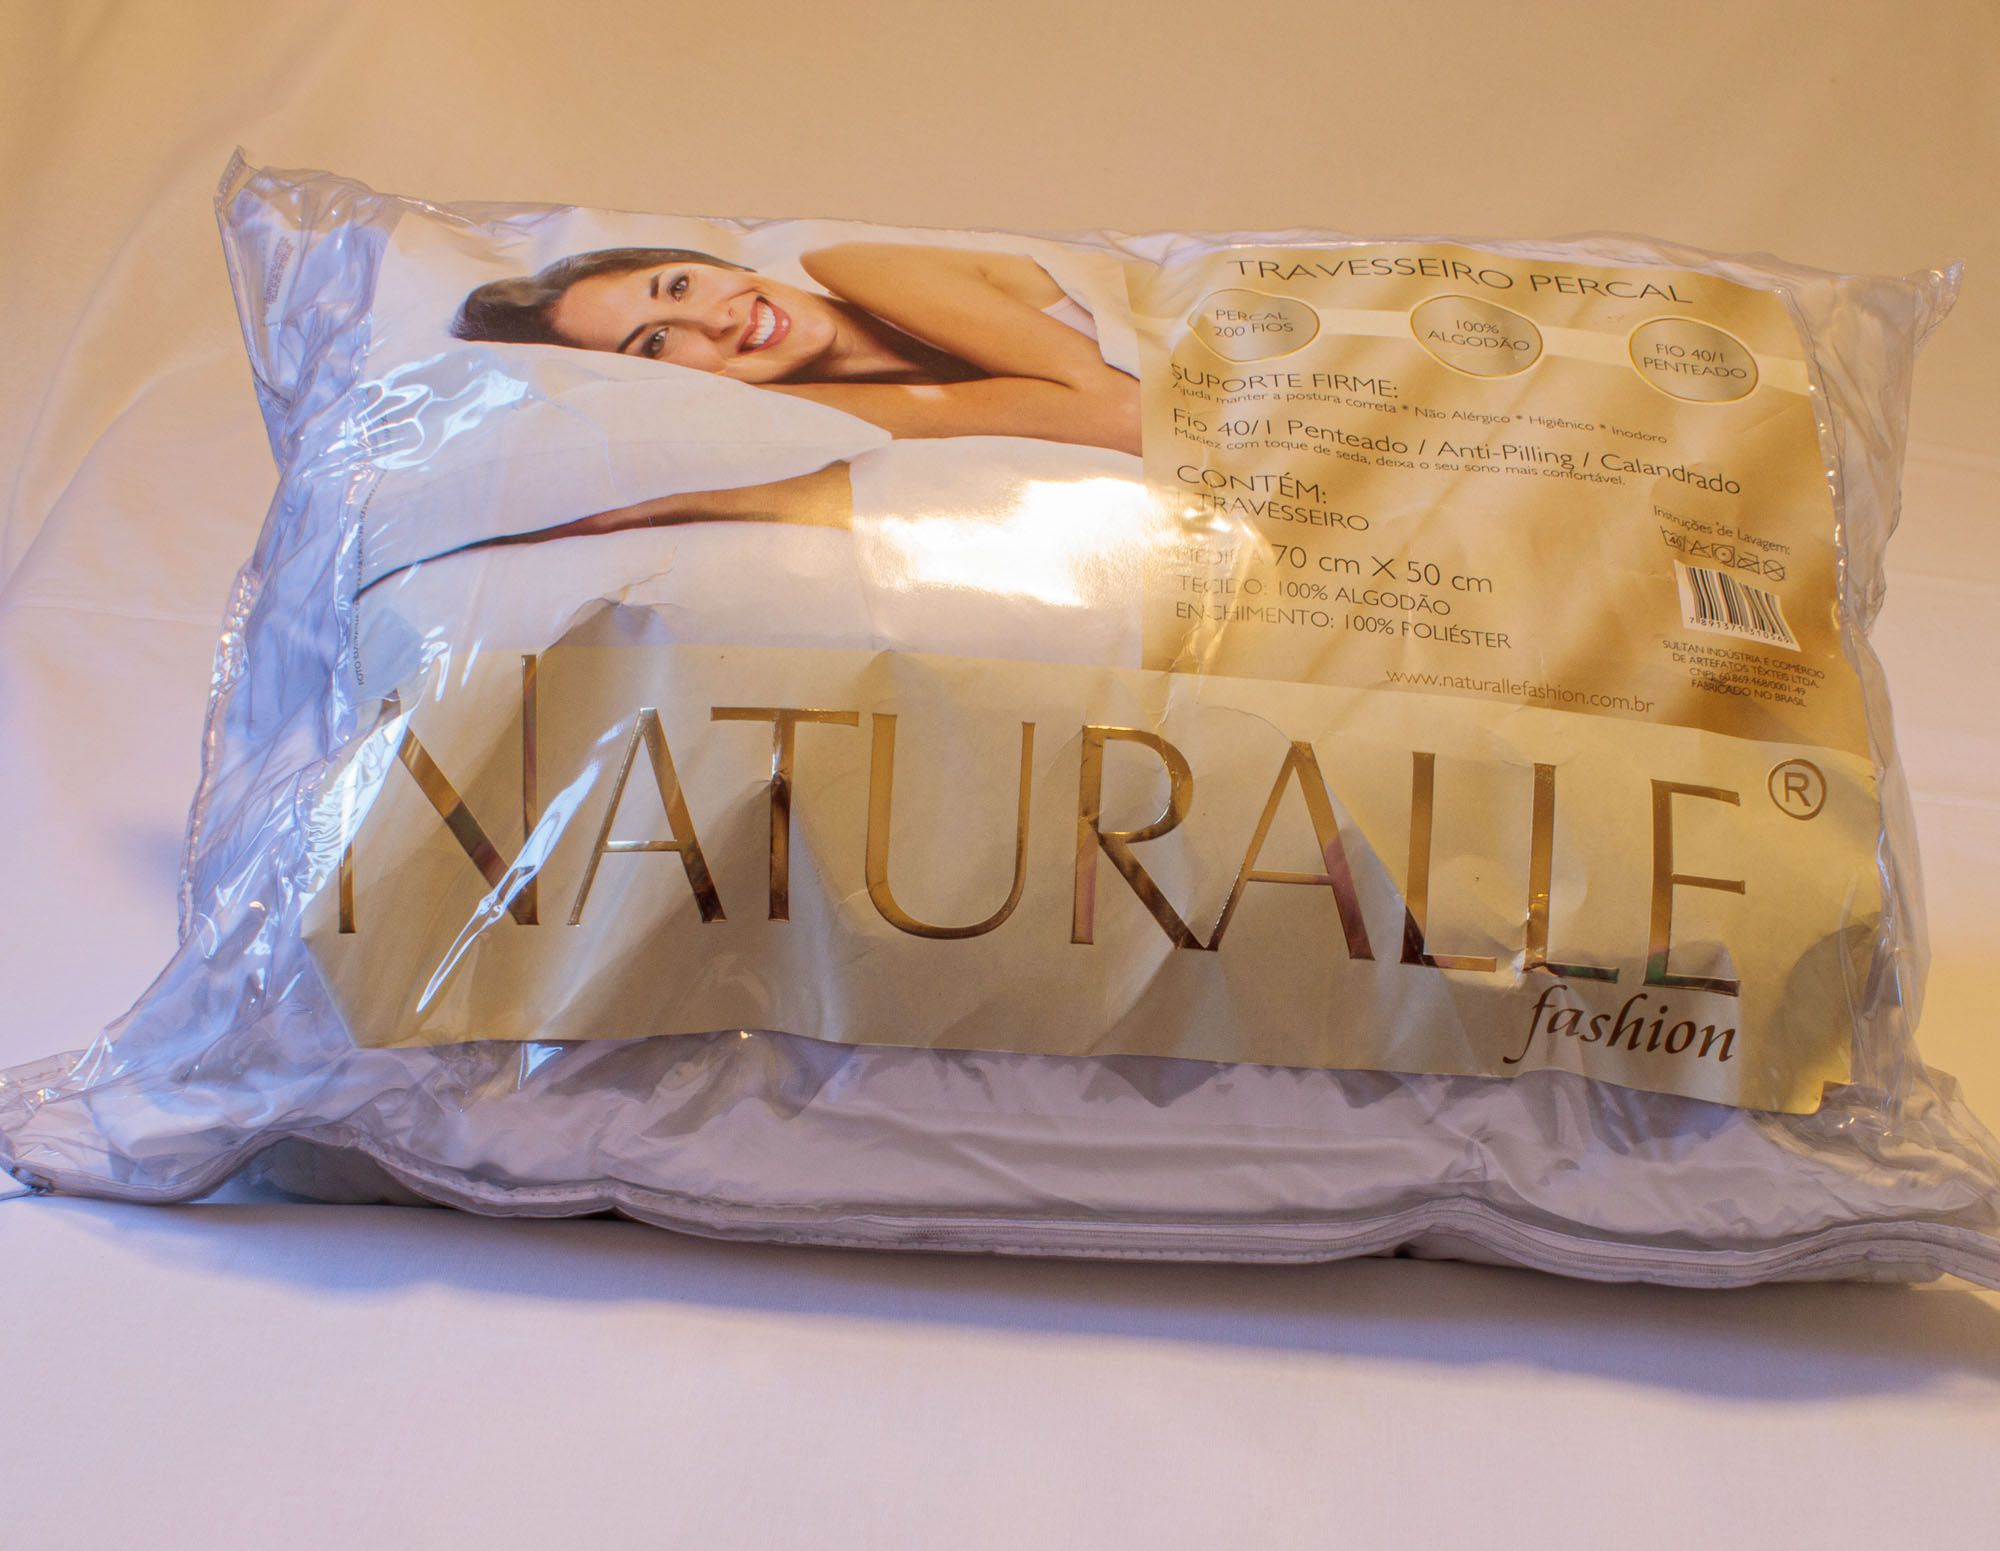 Travesseiro percal 200 fios sultan 100% algodão não alérgico inodoro higiênico calandrado 70 cm x 50 cm